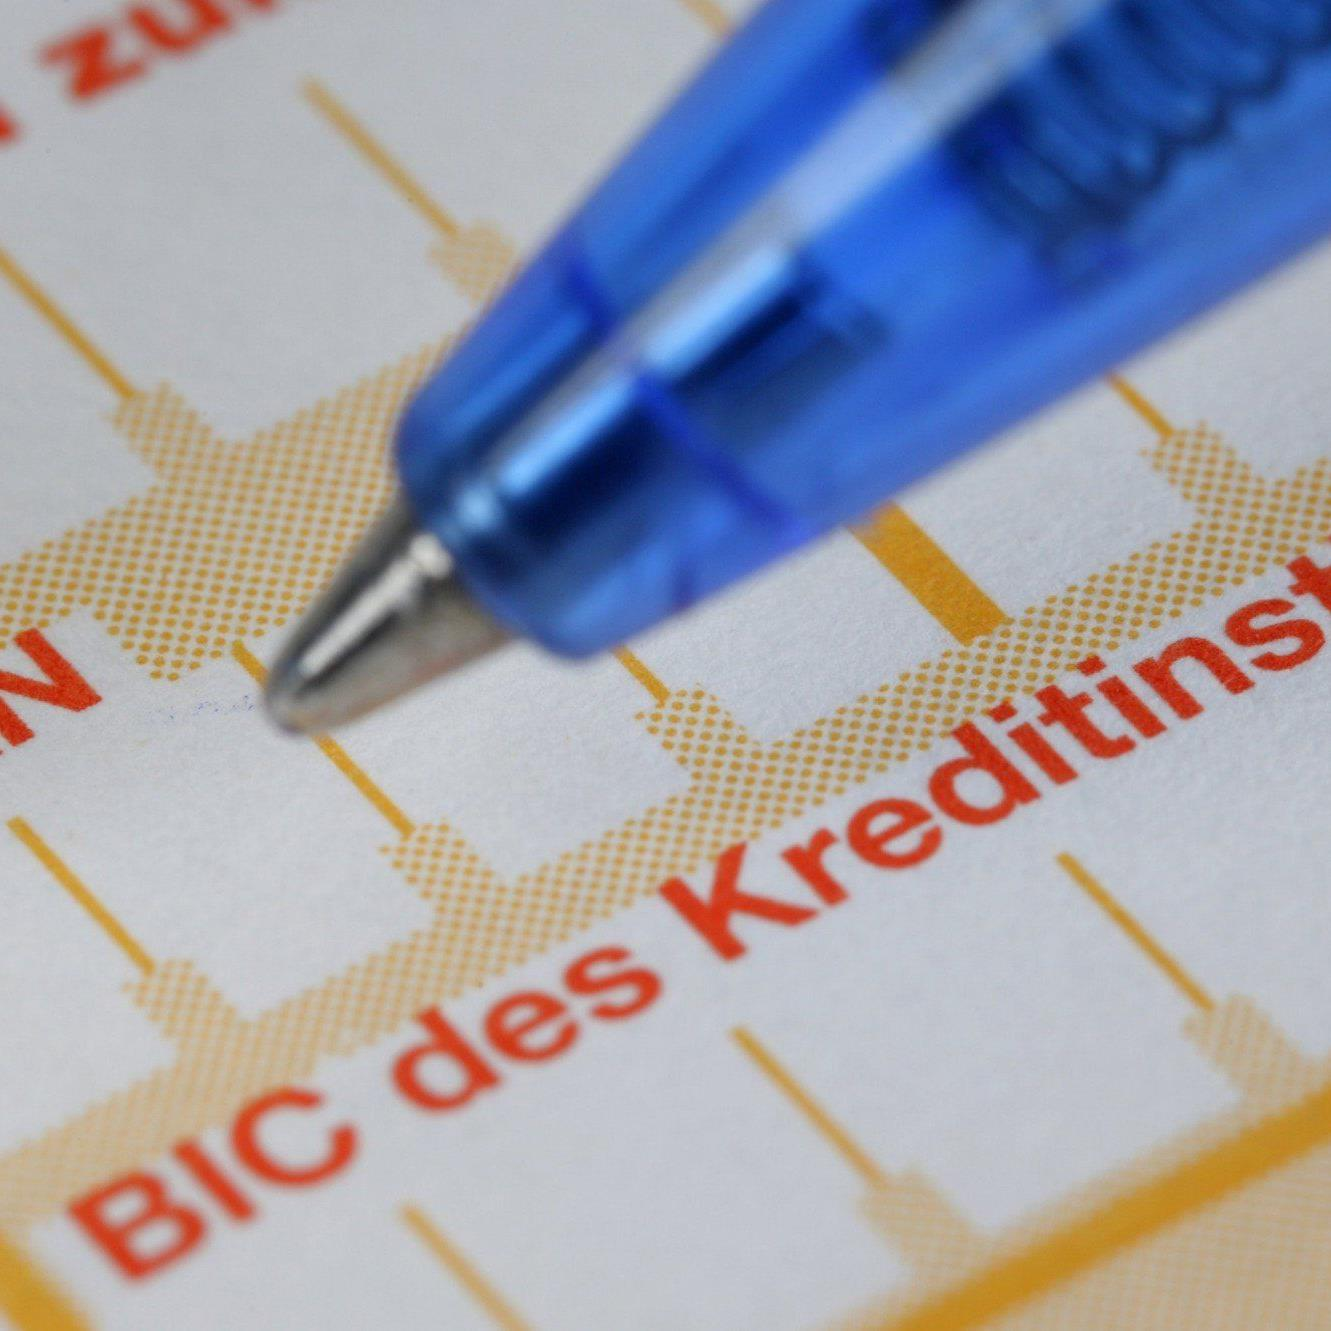 Banken auf IBAN-Umstellung zum Jahreswechsel angeblich nicht ausreichend vorbereitet.